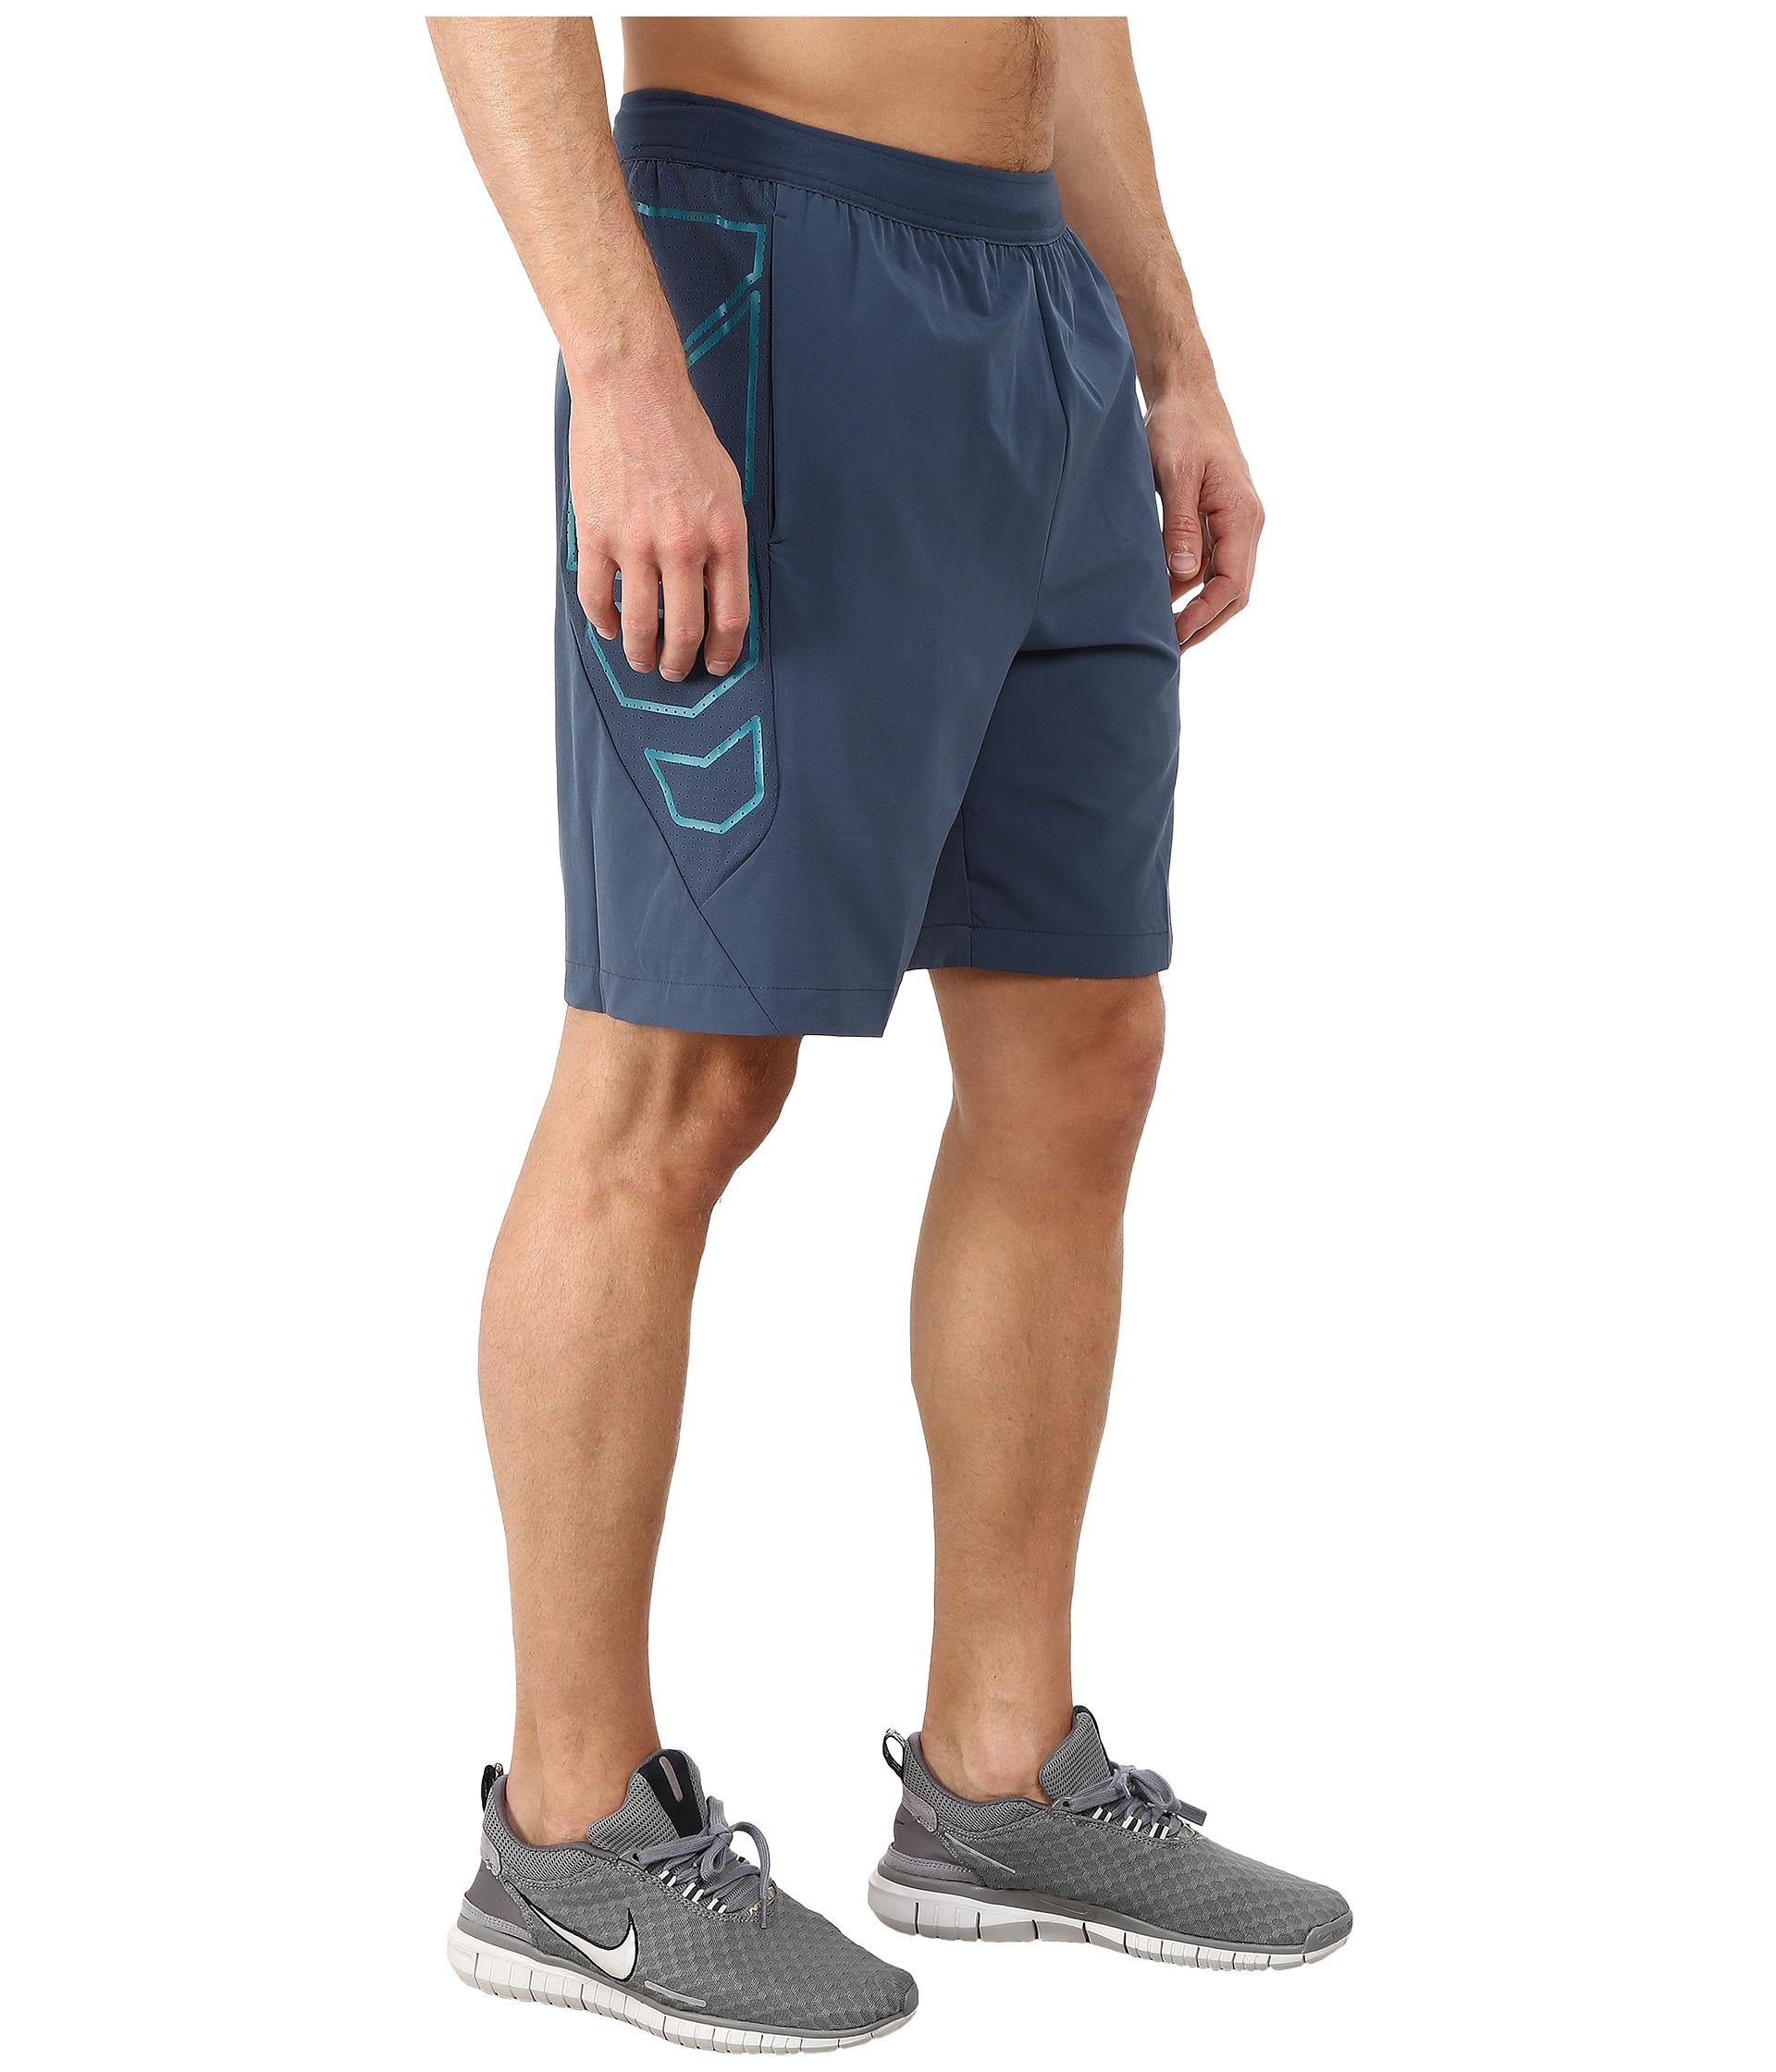 70847d1f40e1 Lyst - Nike Vapor 8